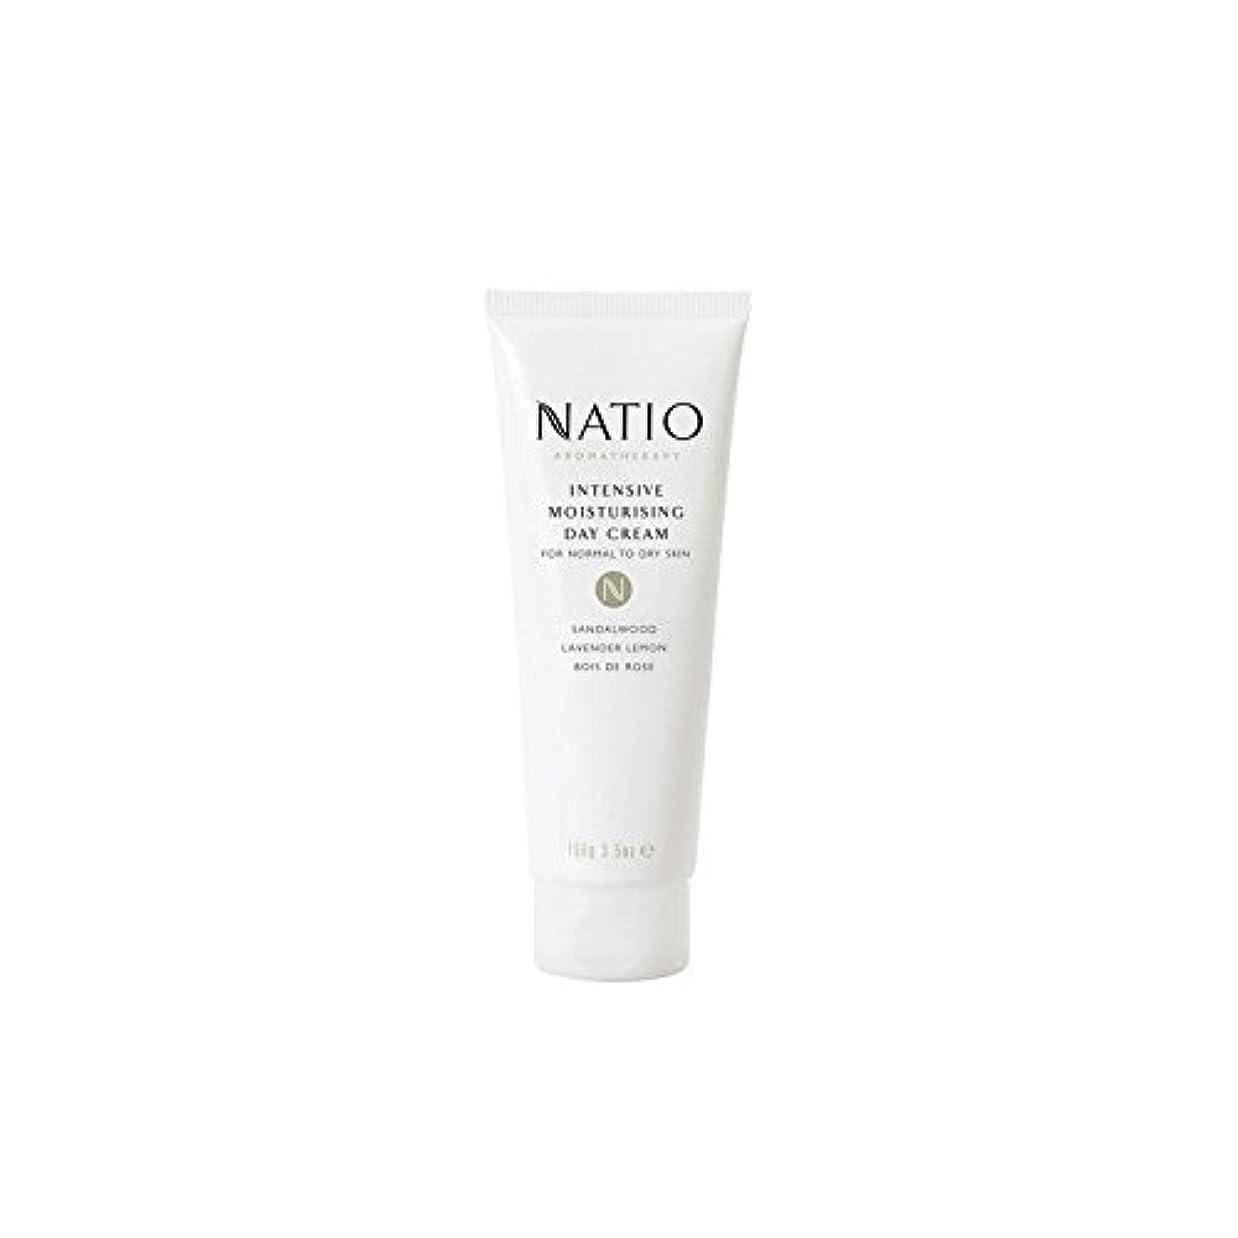 症候群矩形統治する集中的な保湿デイクリーム(100グラム) x4 - Natio Intensive Moisturising Day Cream (100G) (Pack of 4) [並行輸入品]